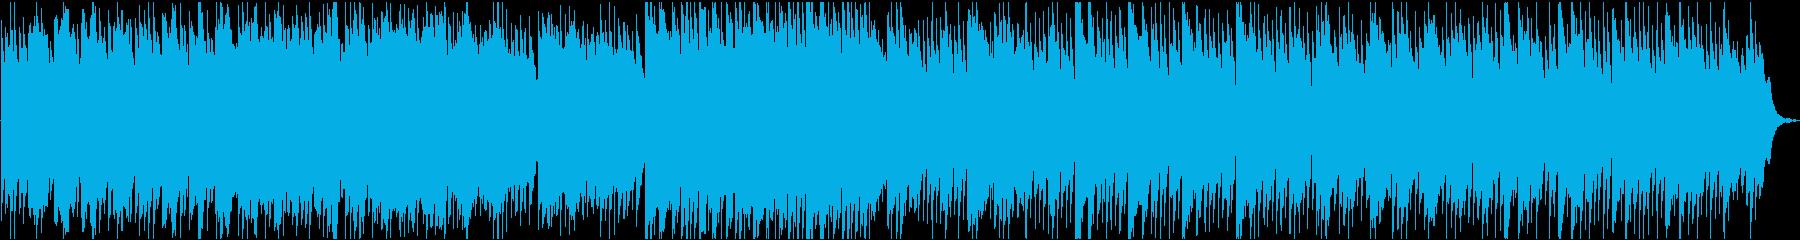 優しいハープのヒーリング曲と鳥のさえずりの再生済みの波形